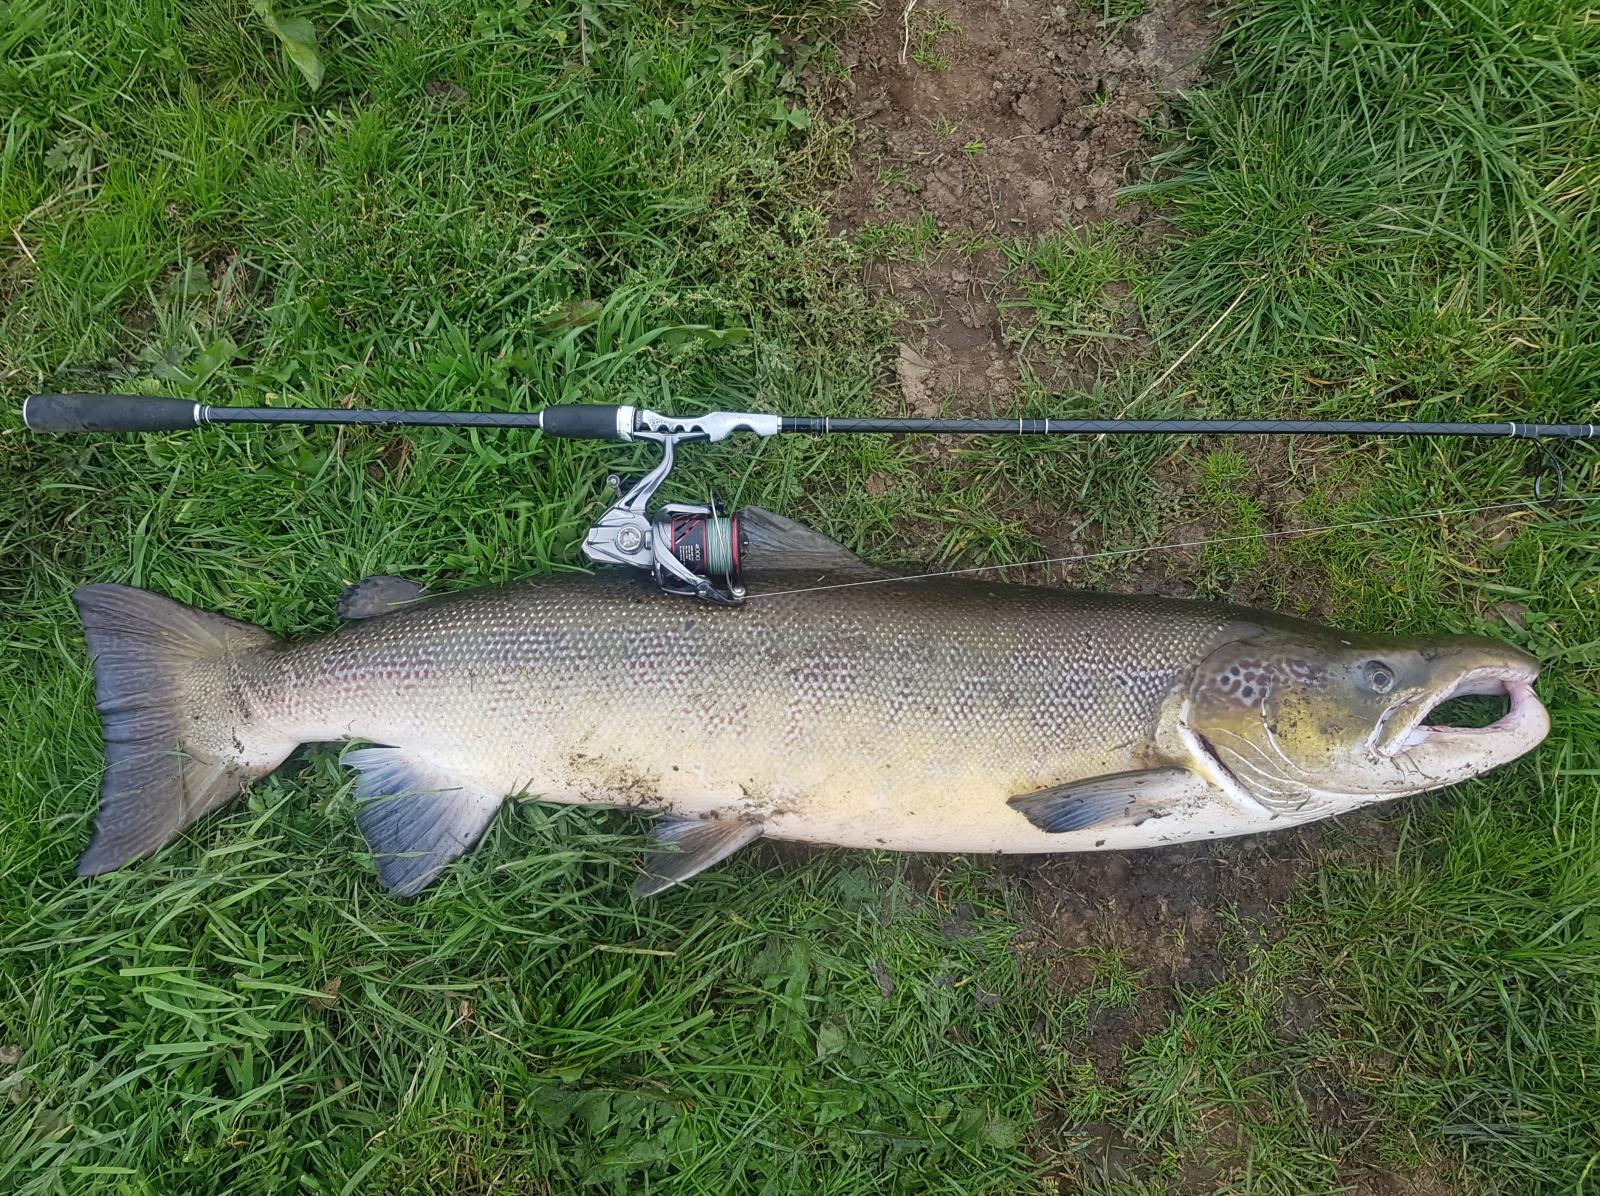 Laks på 109 cm og 10.94 kg fra Gudenåen, Østjylland -  fanget på Mepps flying c # 7335